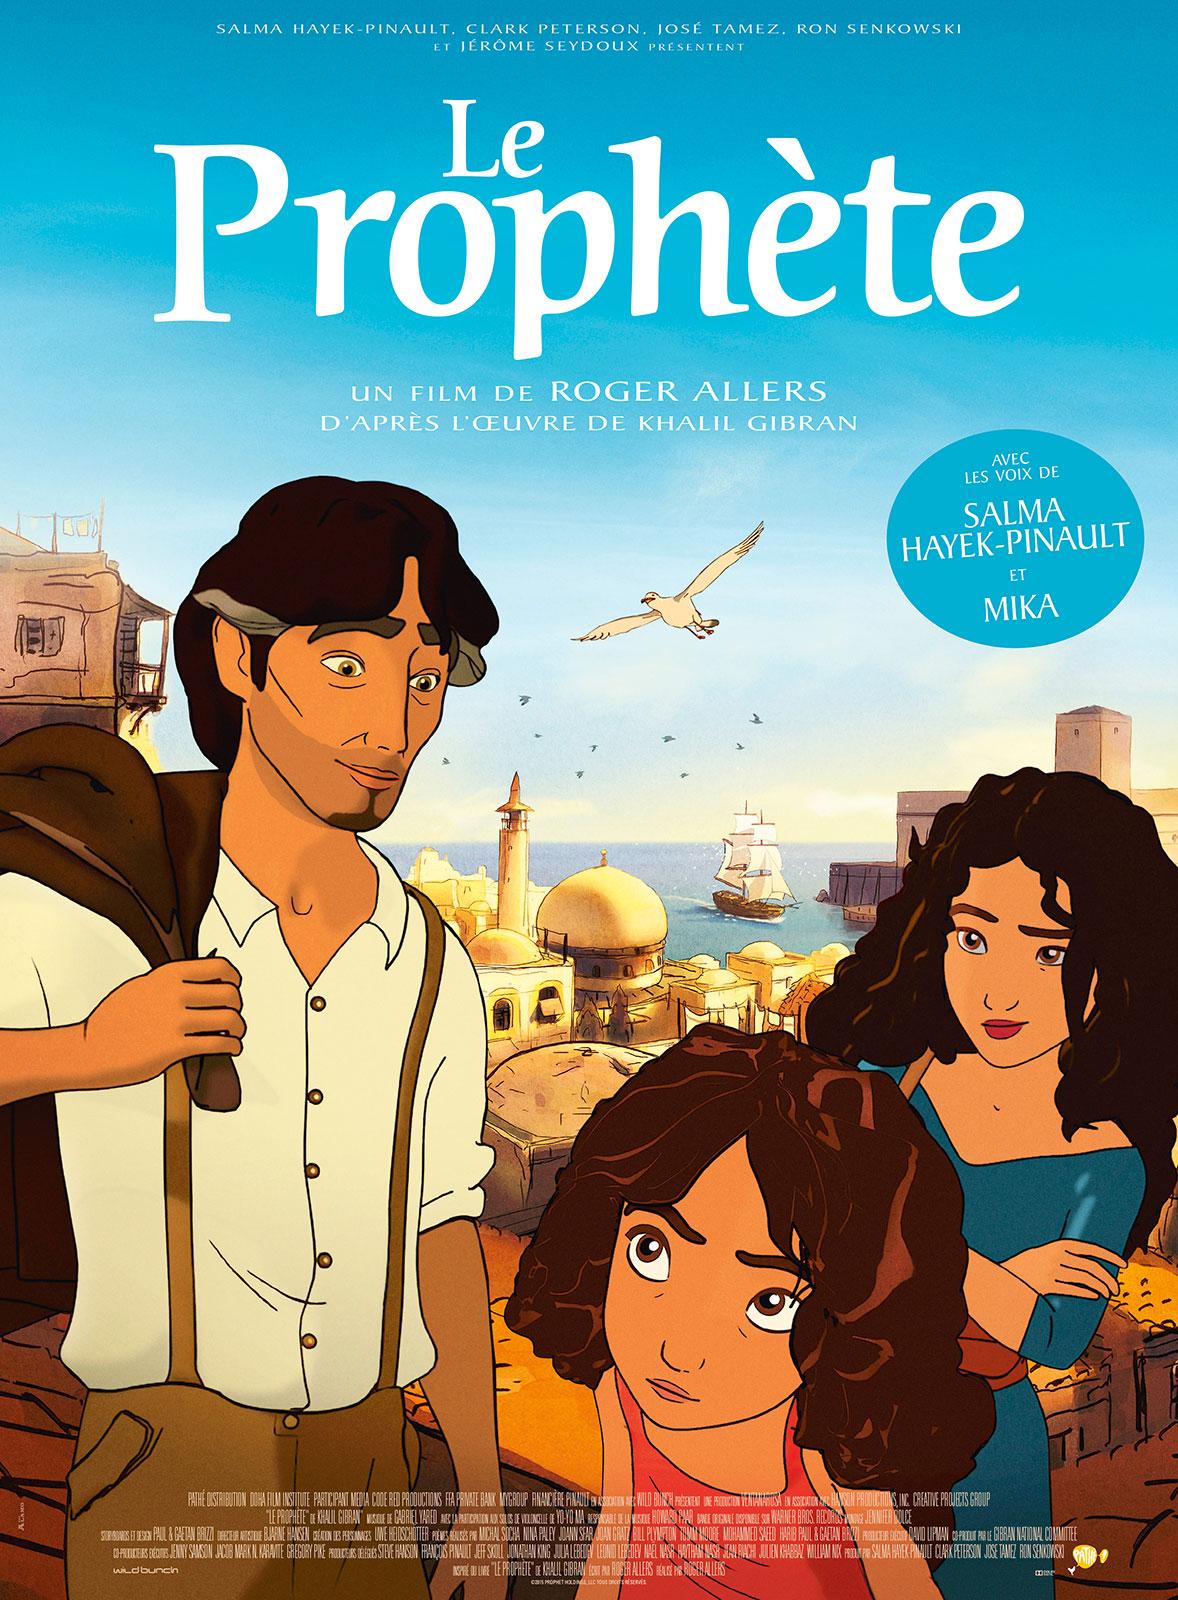 678 FILM TÉLÉCHARGER GRATUITEMENT EGYPTIEN